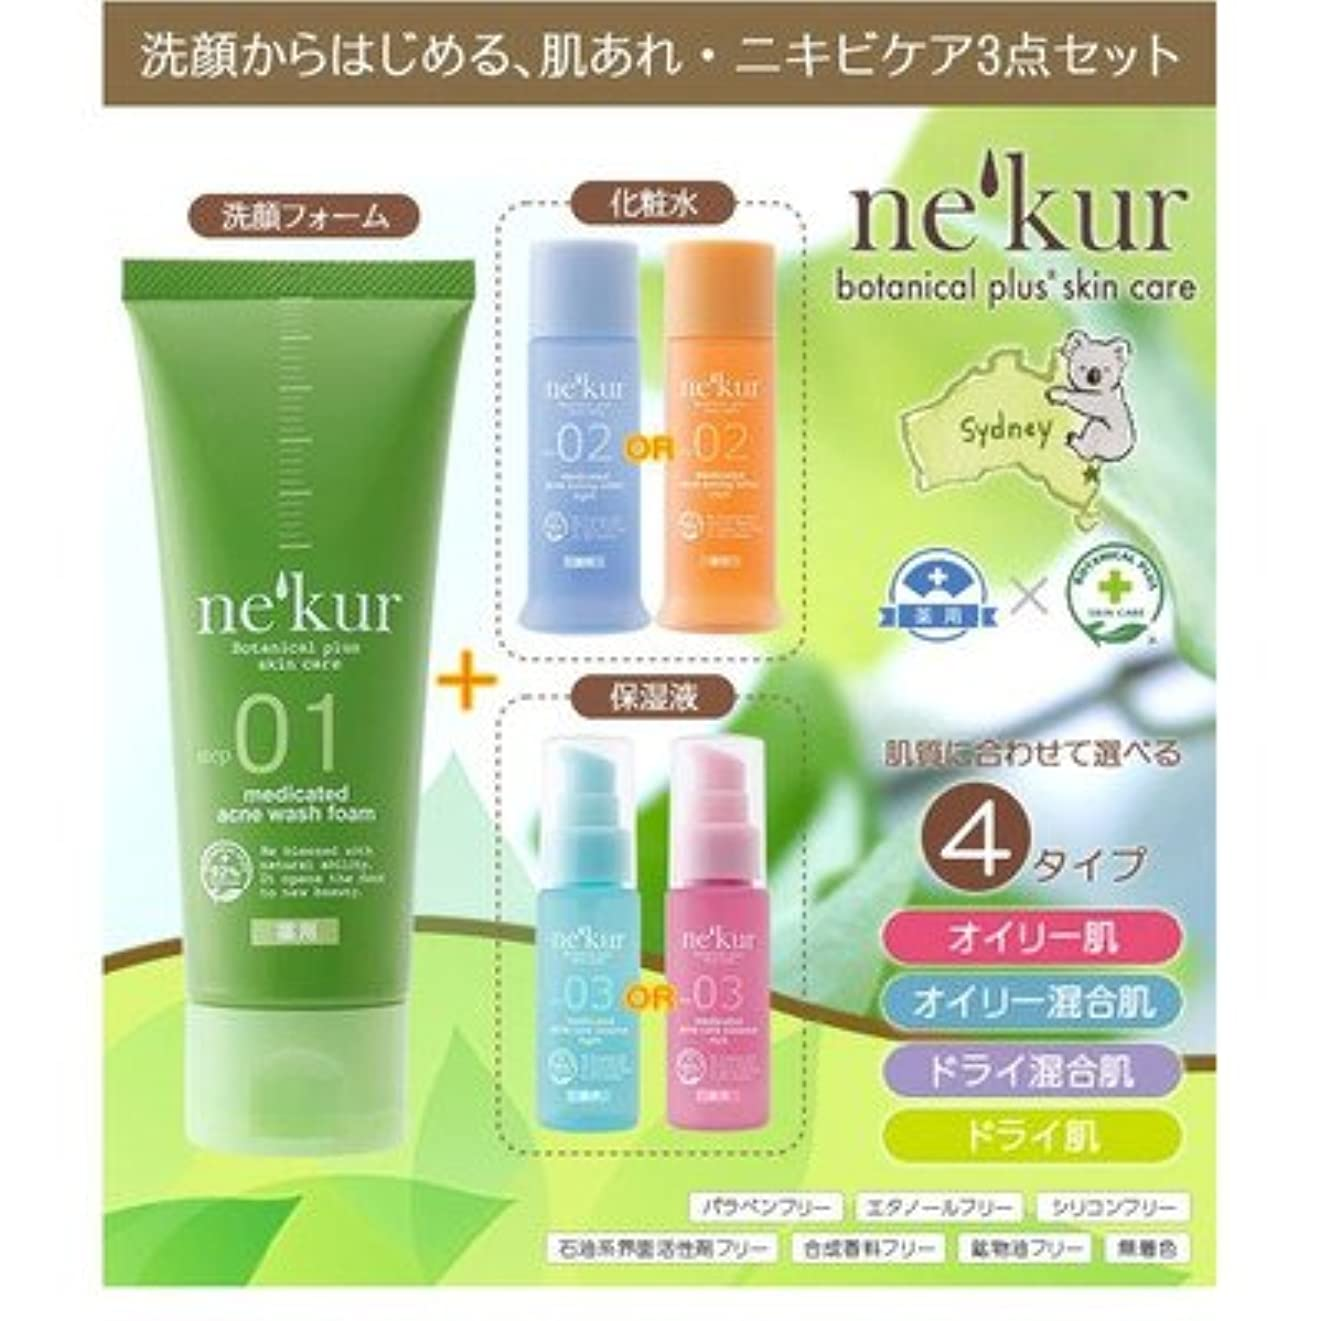 すずめ崖多年生ネクア(nekur) ボタニカルプラススキンケア 薬用アクネ洗顔3点セット ドライ混合肌セット( 画像はイメージ画像です お届けの商品はドライ混合肌セットのみとなります)